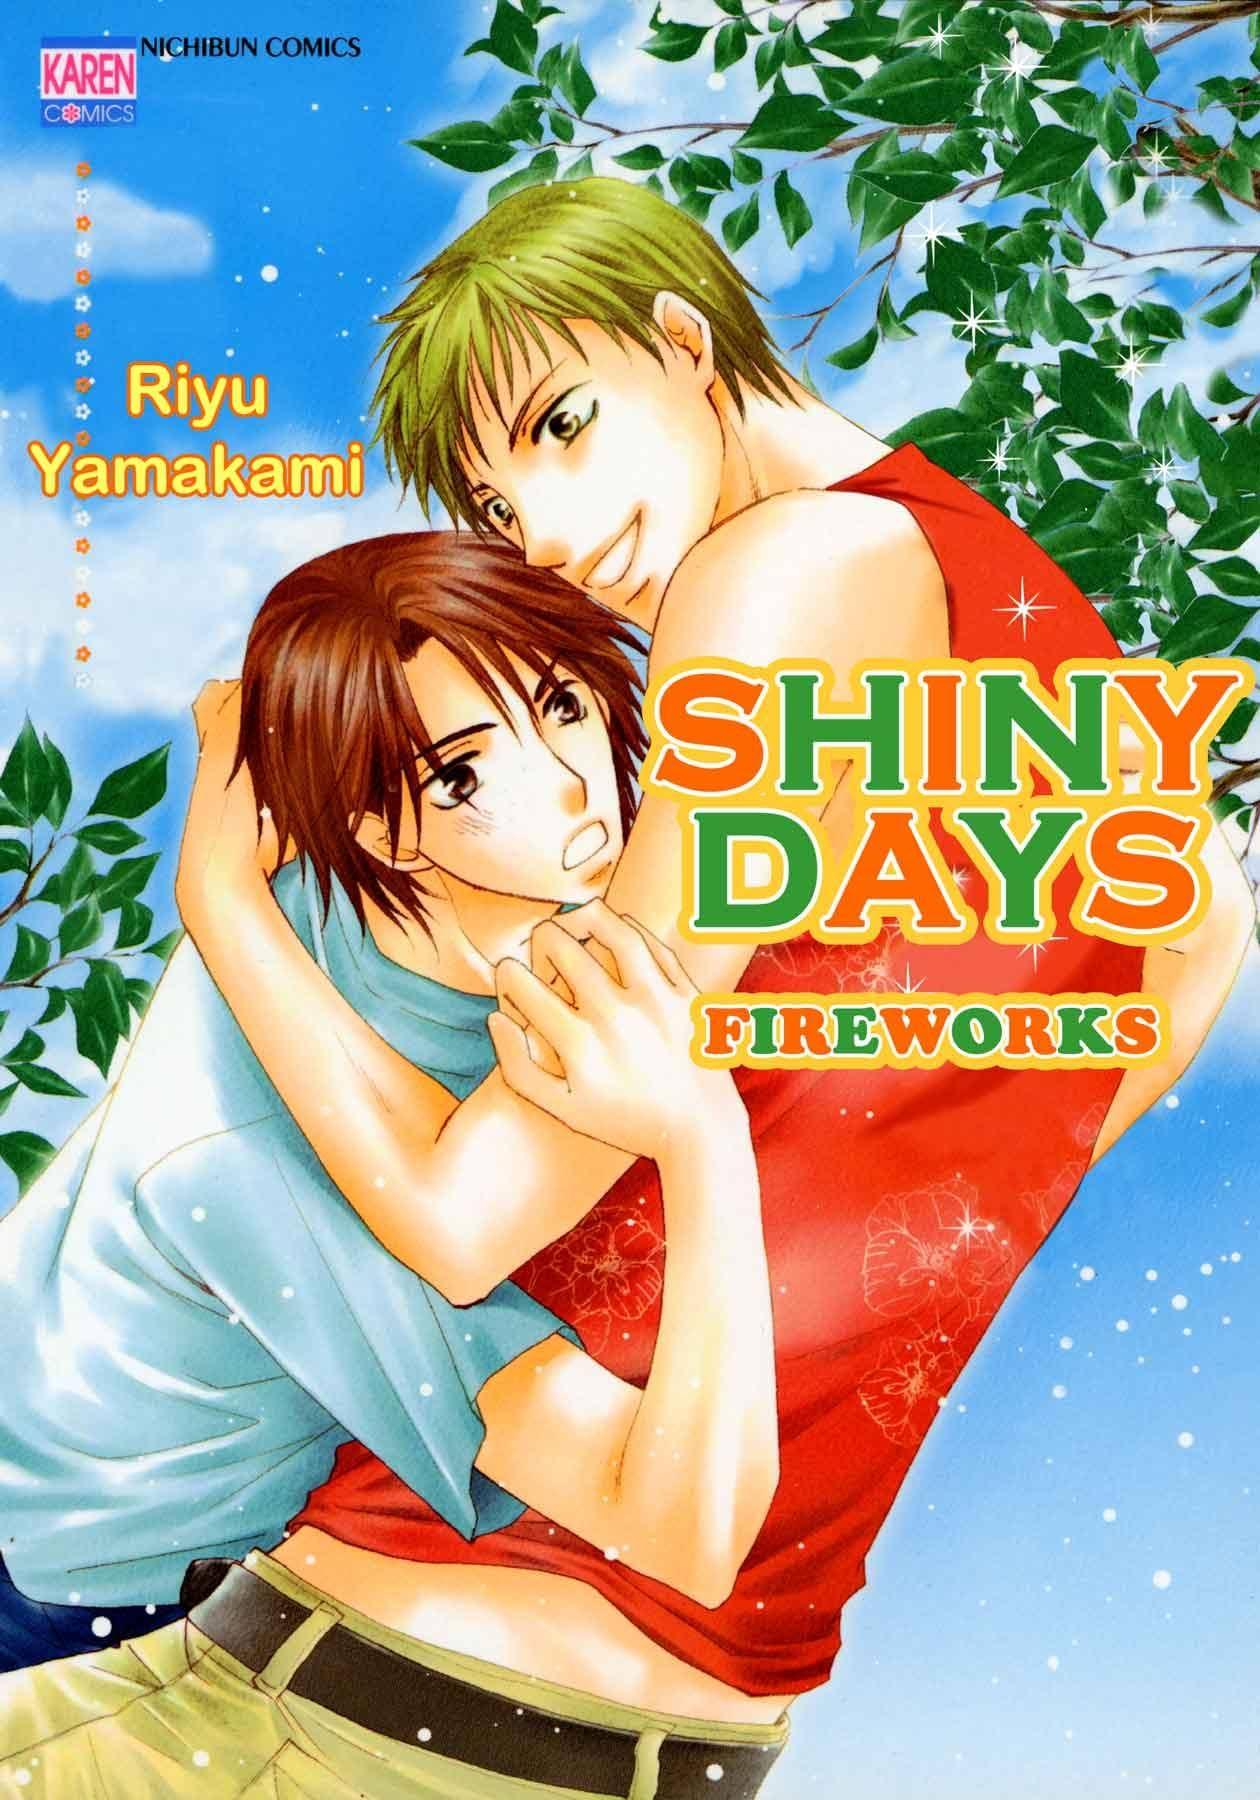 SHINYDAYS #4